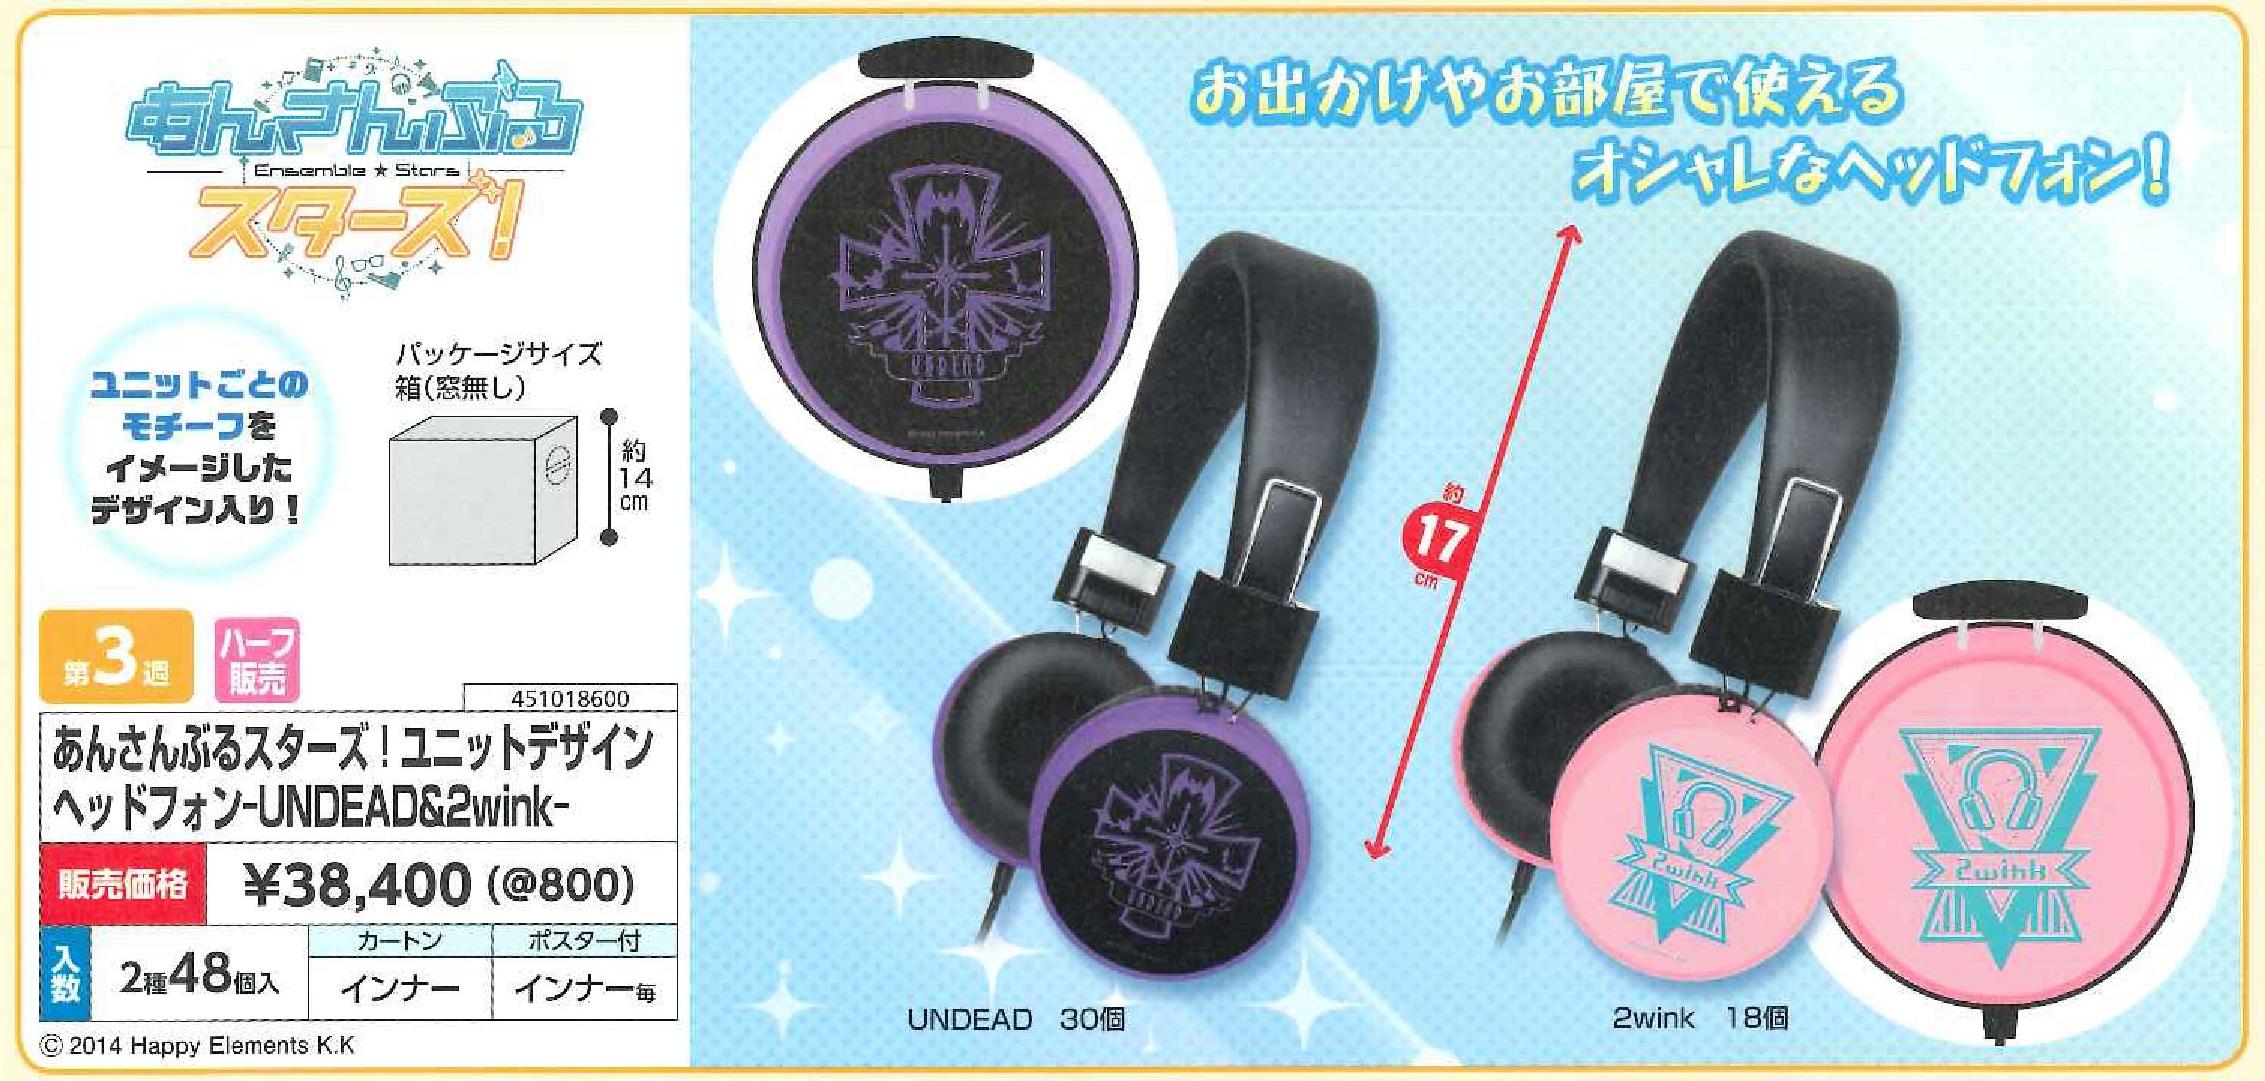 【B】景品 偶像梦幻祭 印象风头戴式耳机 Undead&2Wink 全2种(1套1箱48个)018600